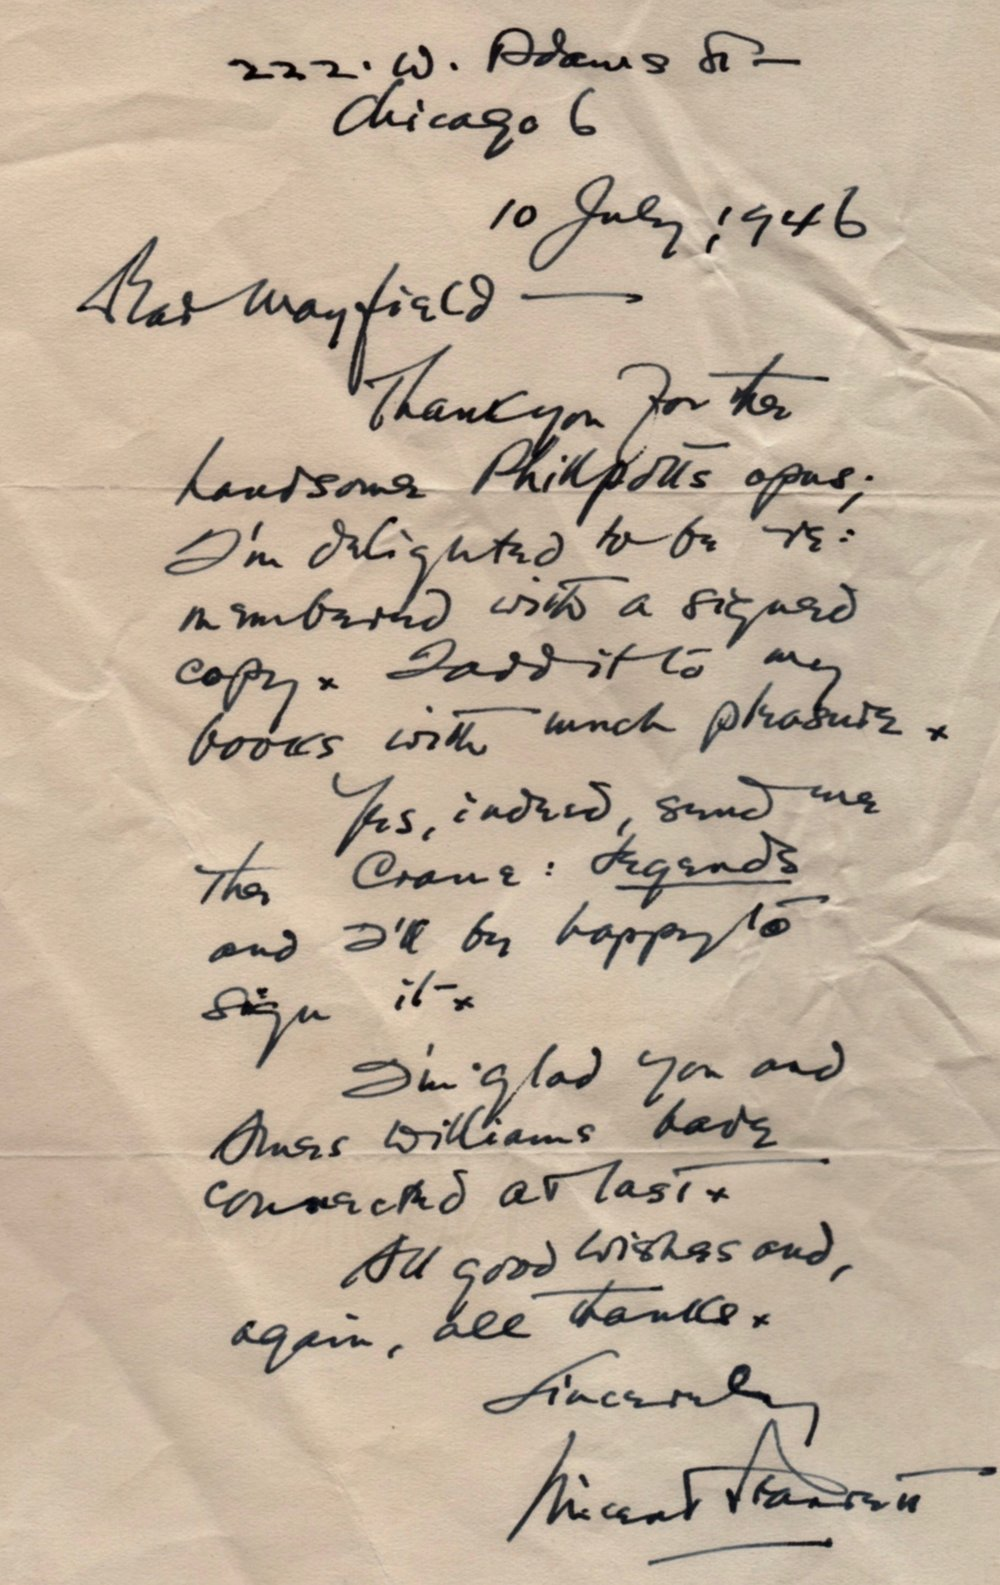 Wayfield letter.jpg